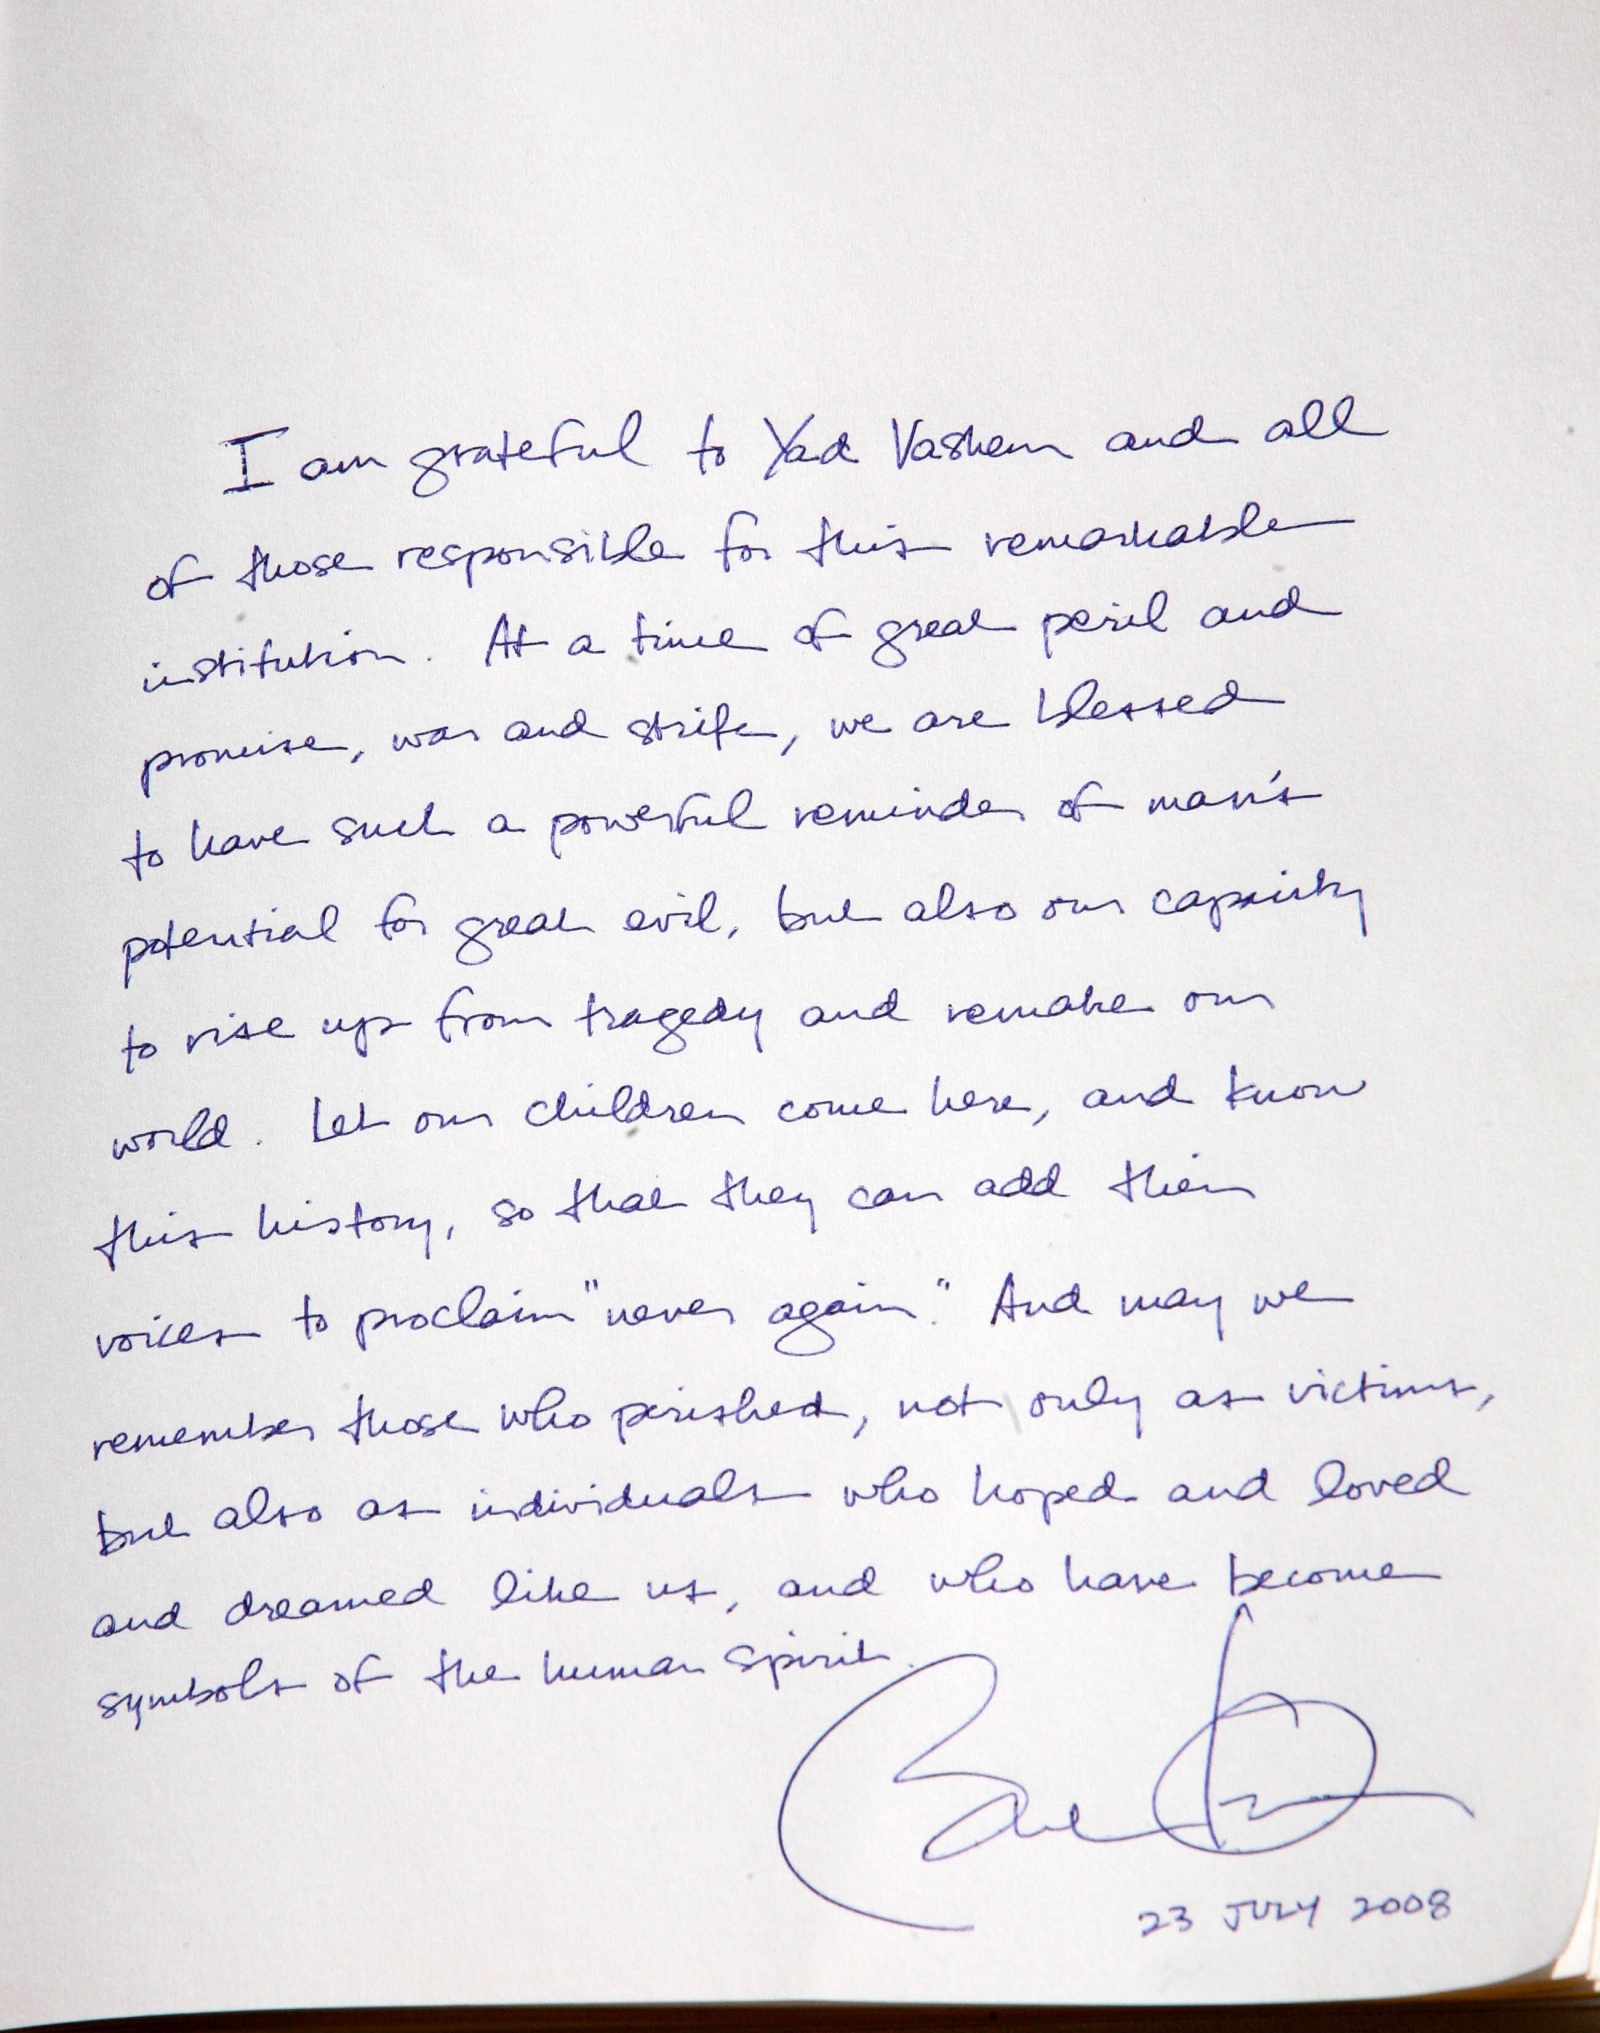 Barack Obamas message at Yad Vashem